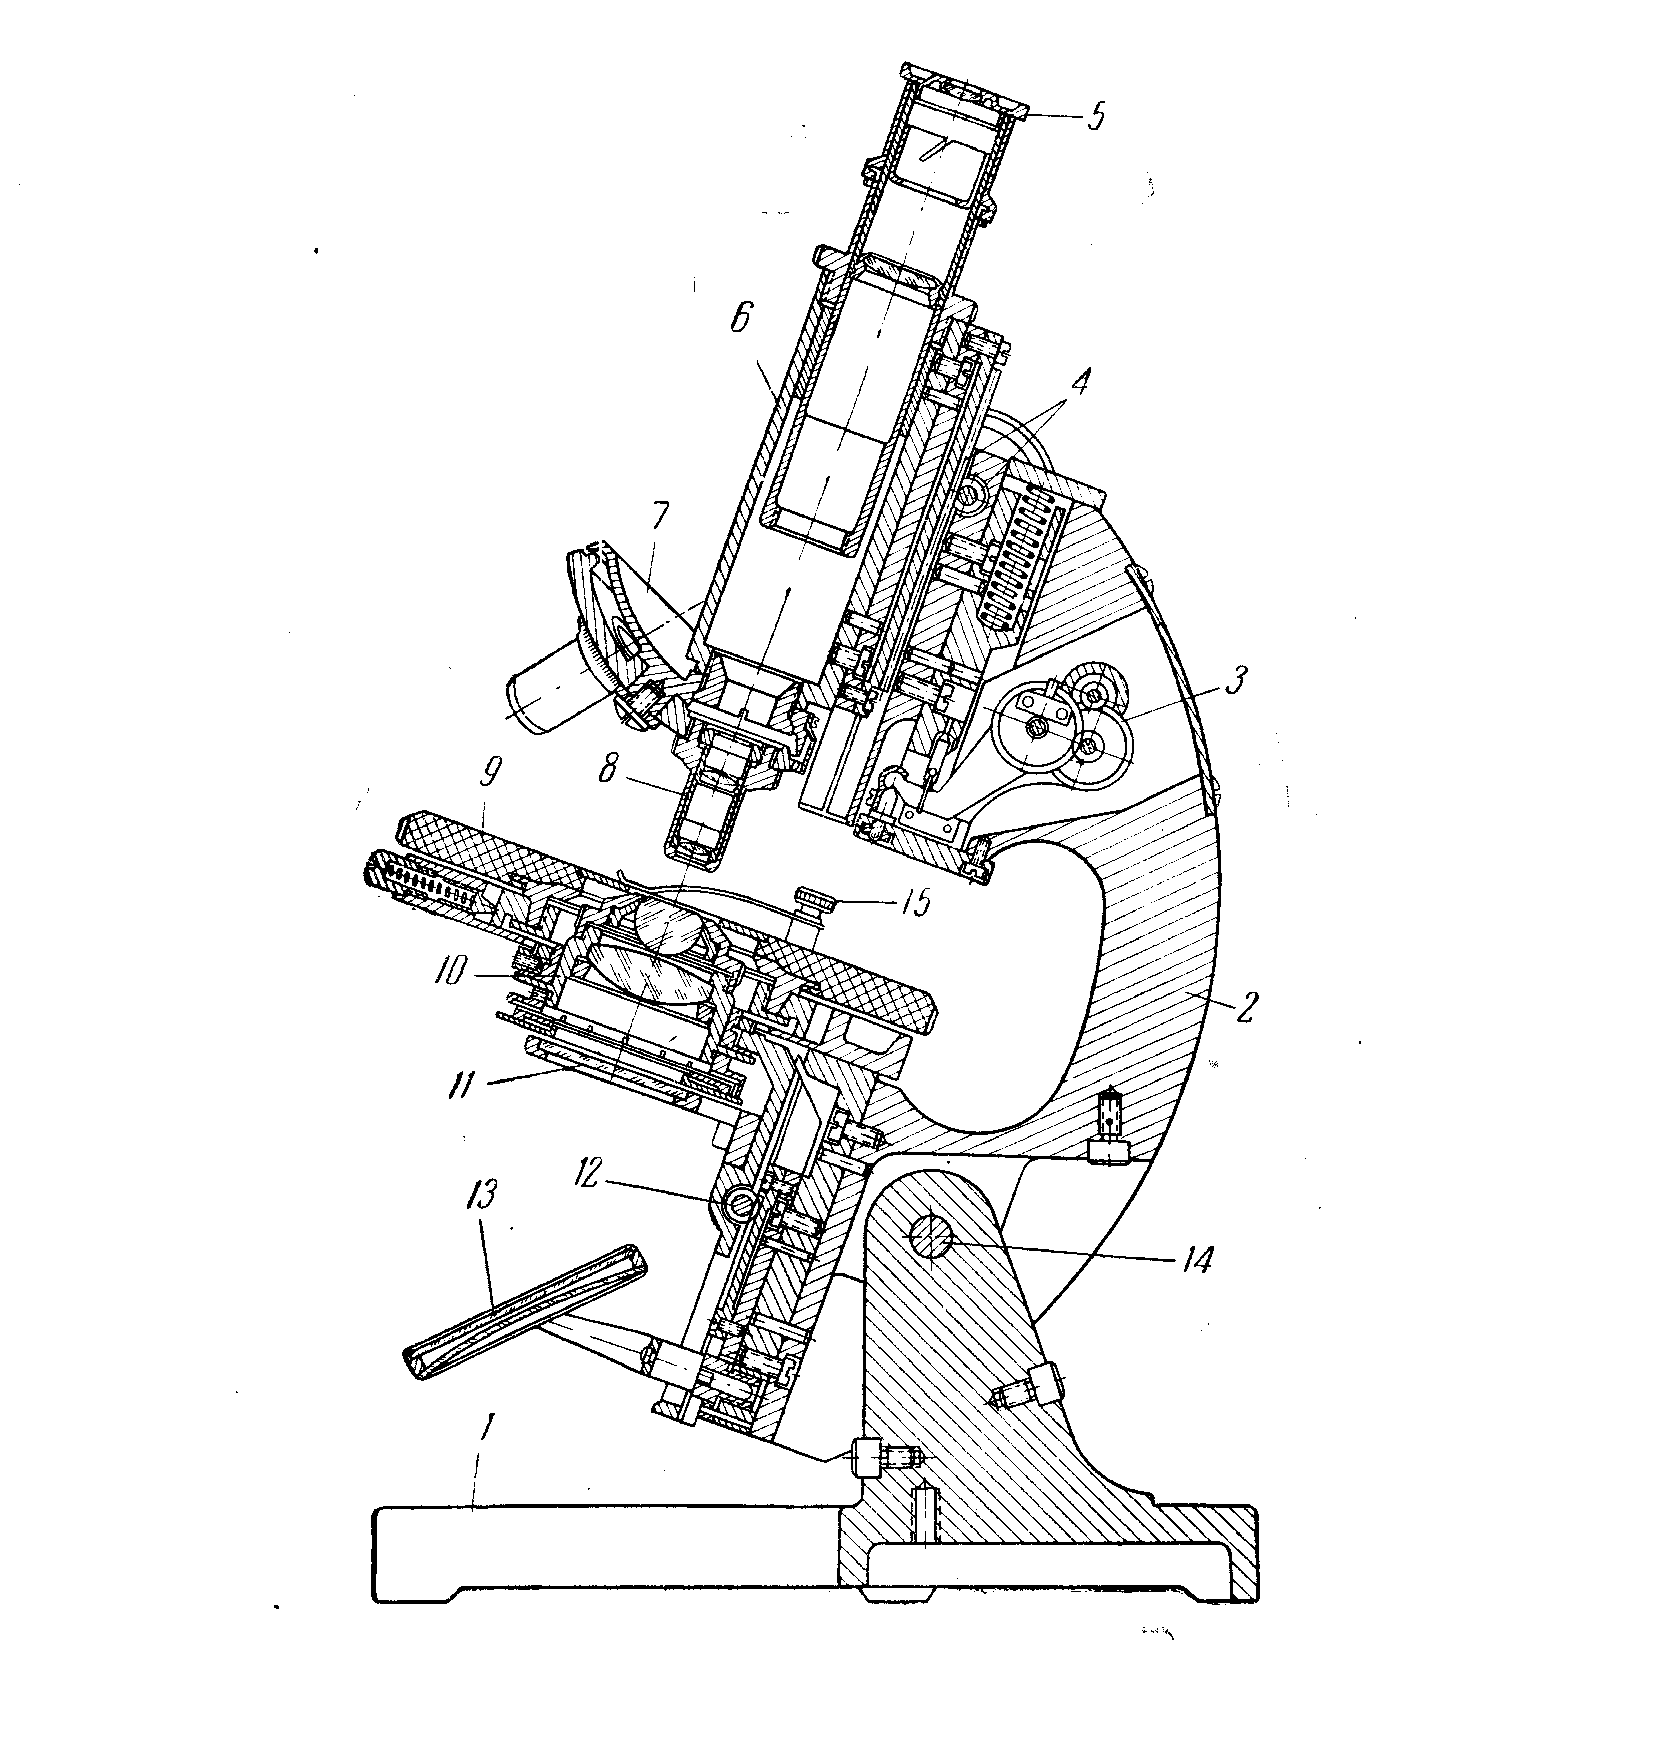 микроскоп м-10 разрез